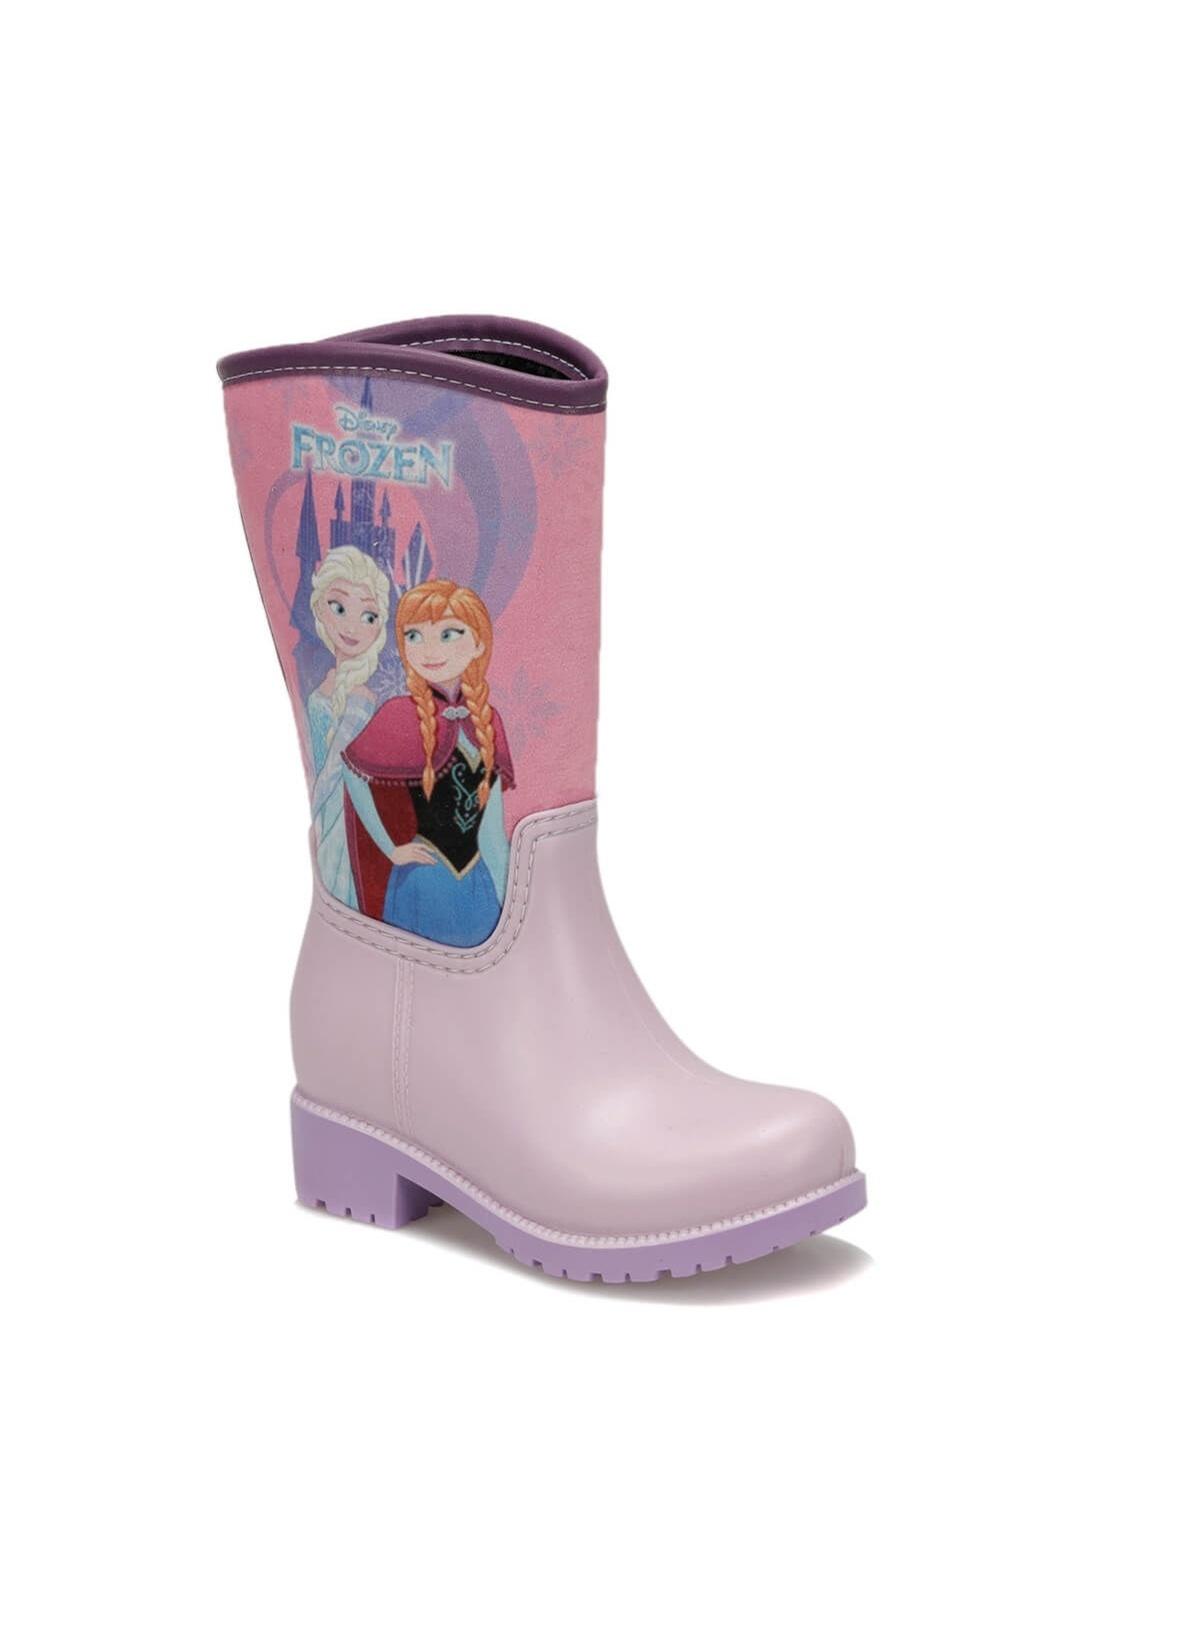 Frozen Yağmur Çizmesi 97265 Yağmur Çizmesi – 77.94 TL